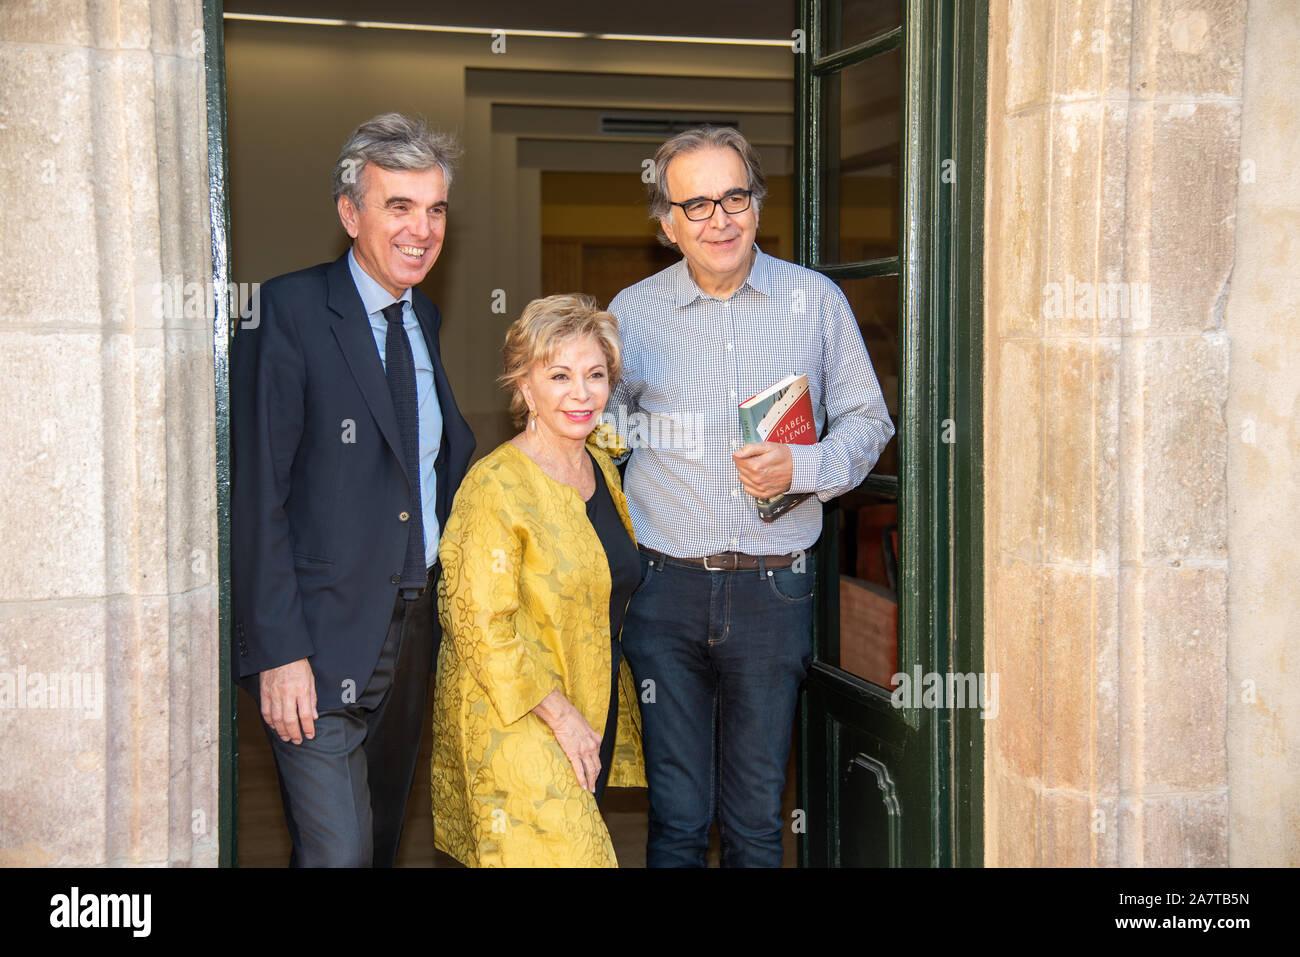 """Barcelona España 04/11/2019 ISABEL ALLENDE  Premio Barcino de Novela Histórica Vivimos tiempos de oscuridad"""", dijo la célebre escritora chilena Isabel Stock Photo"""